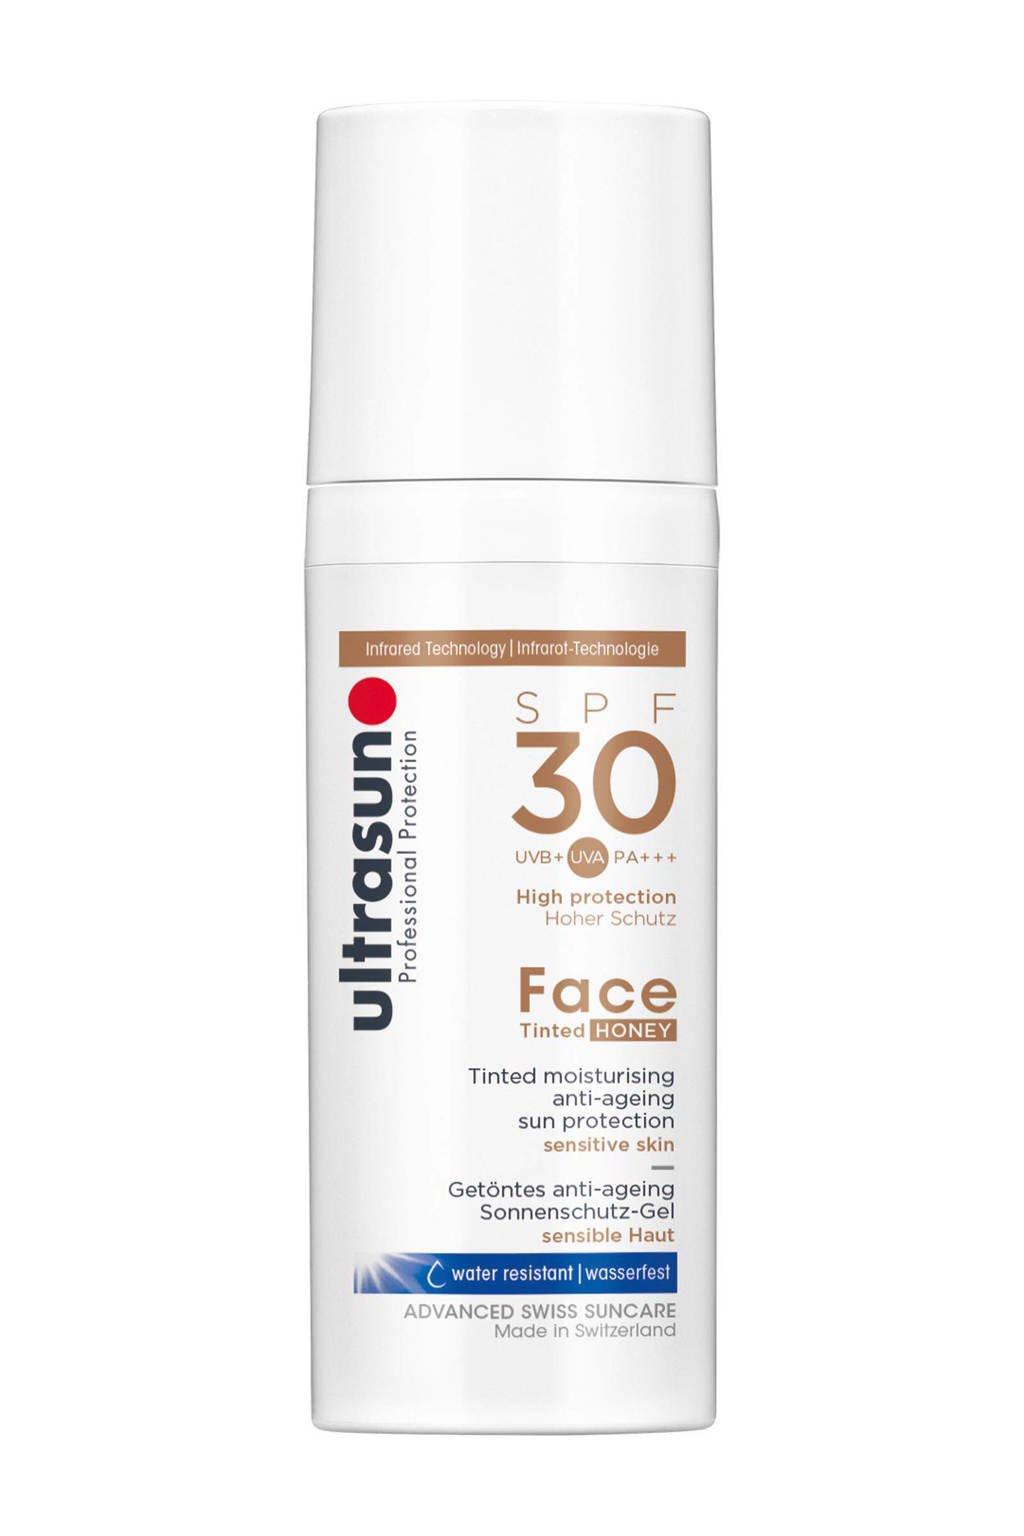 Ultrasun Face Tinted zonnebrandcrème SPF 30 - 50 ml, Zonnefactor SPF 30